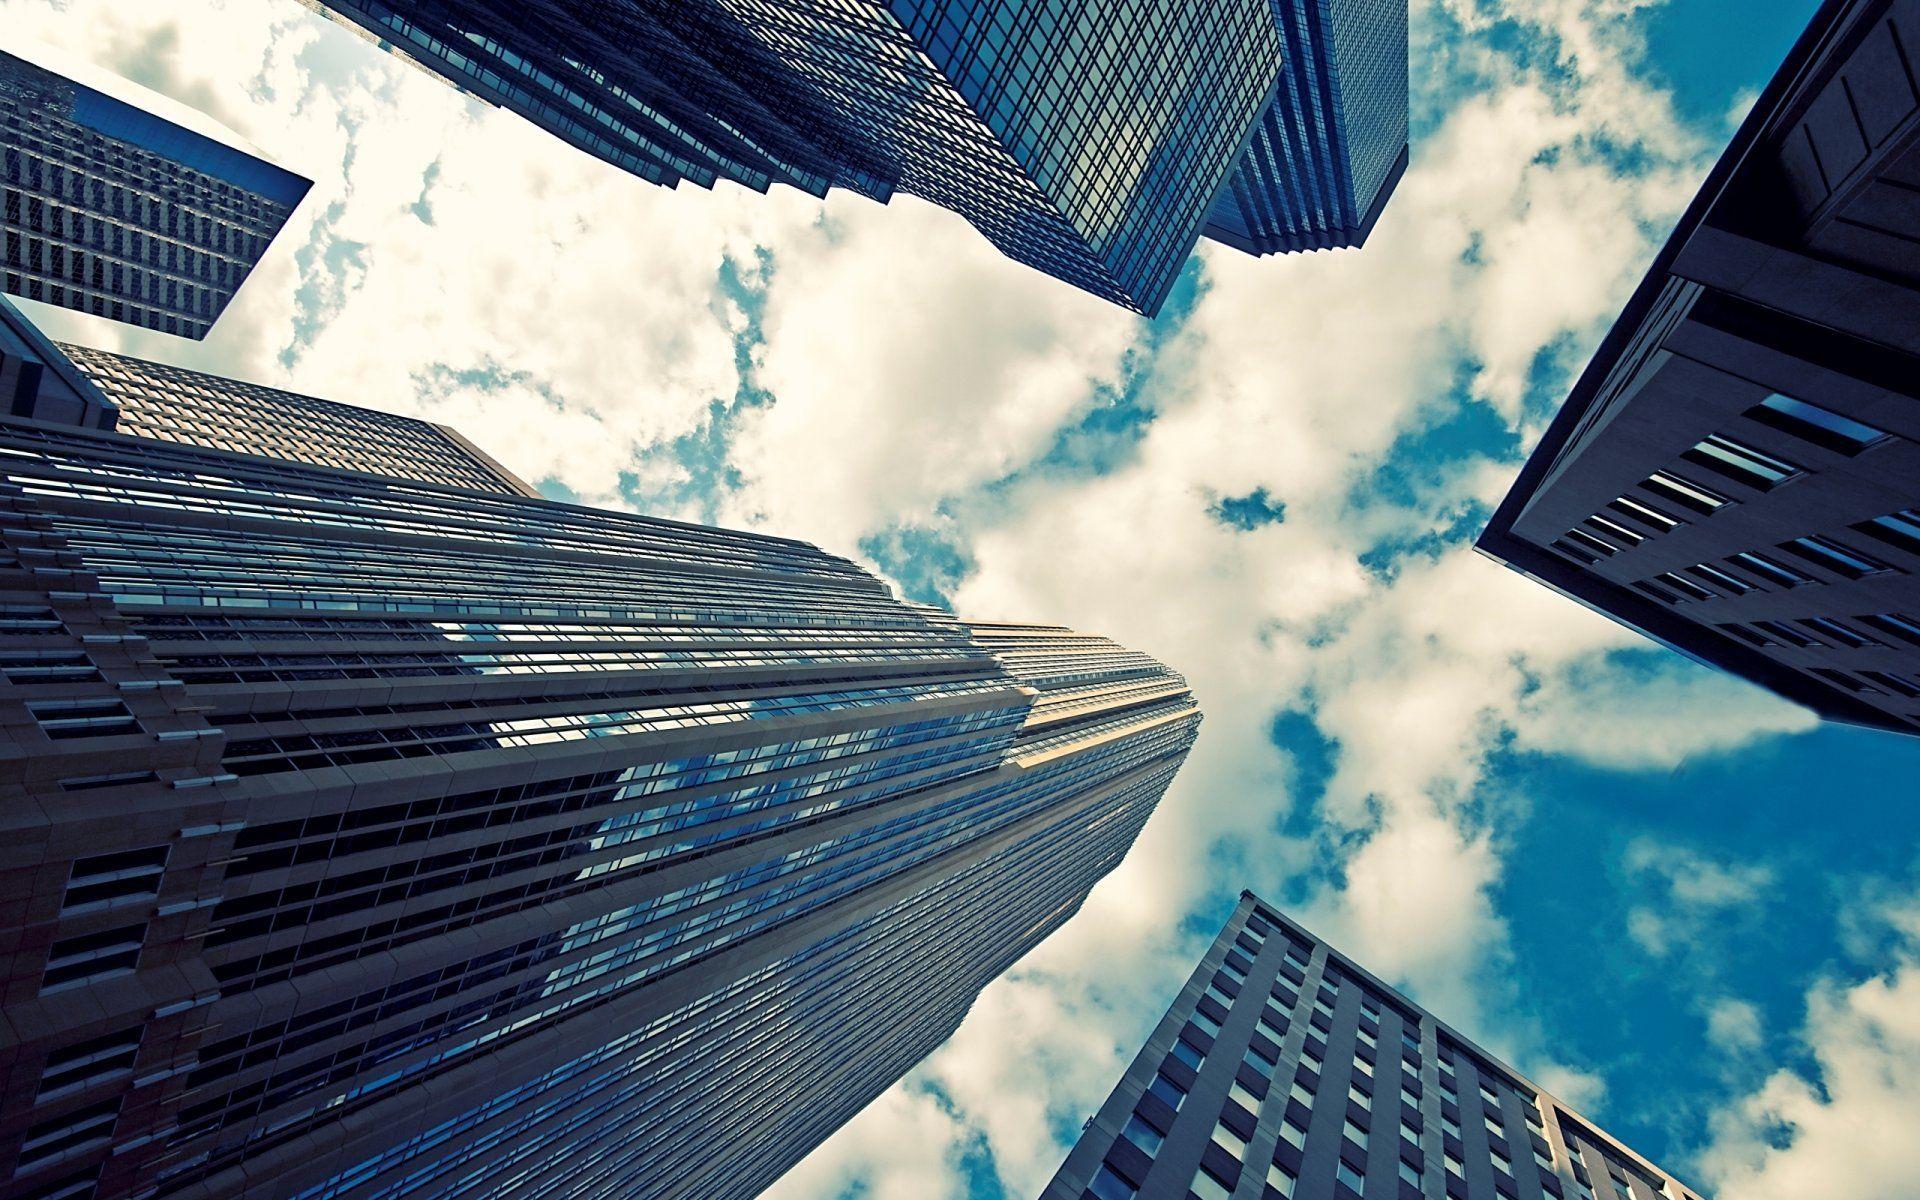 hd hd skyscraper glass buildings wallpaper full hd in windows